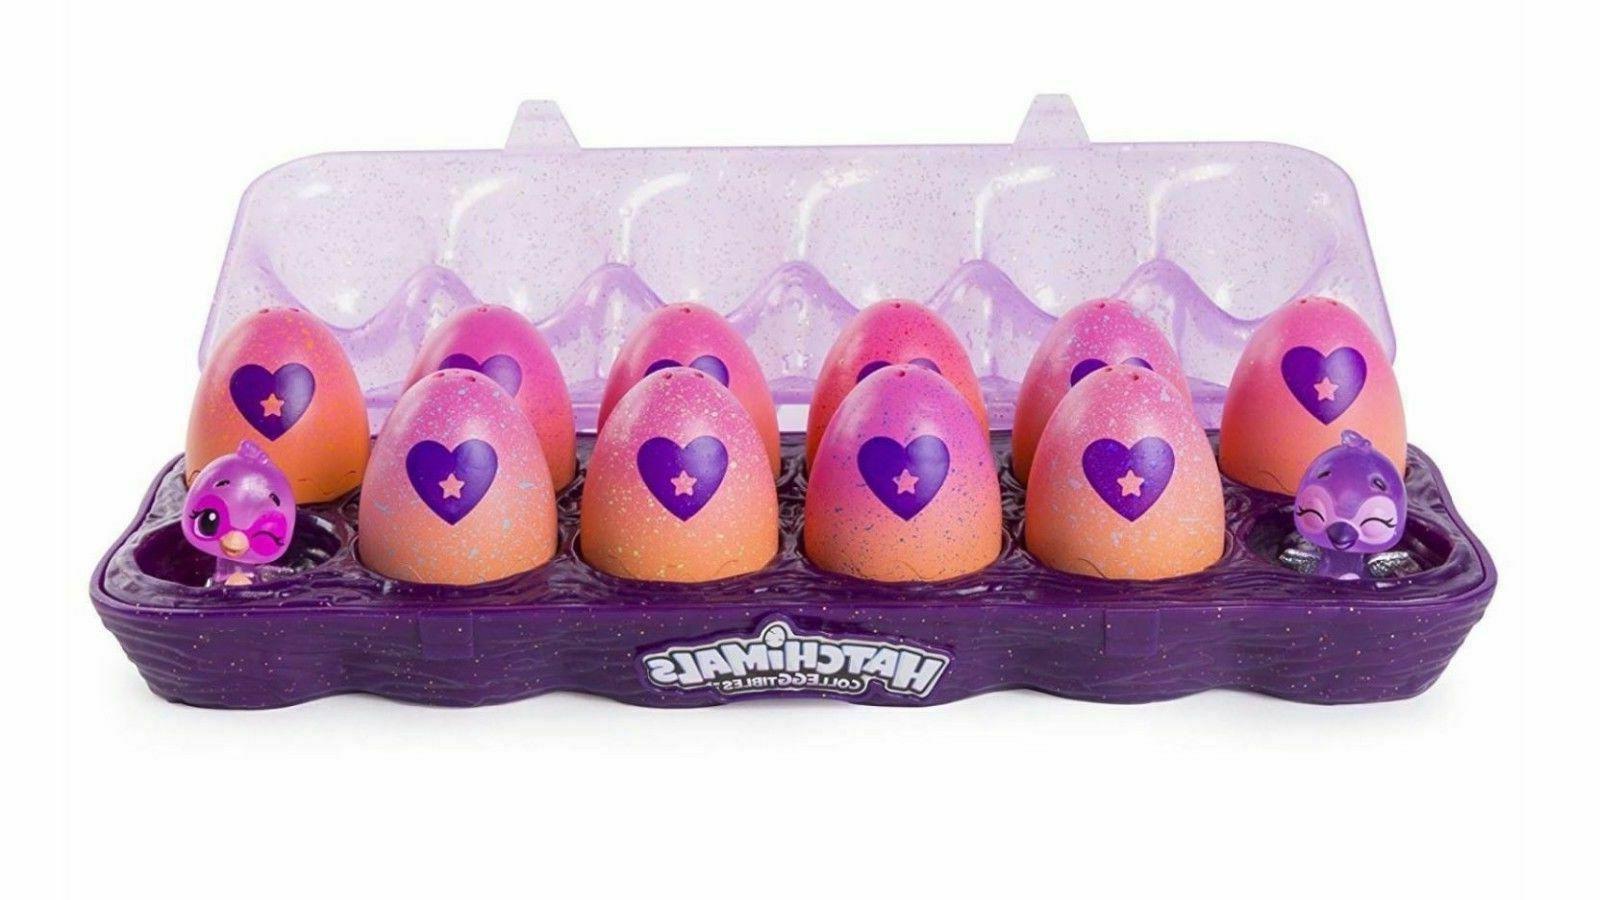 Hatchimals CollEGGtibles Egg Carton with Season 4